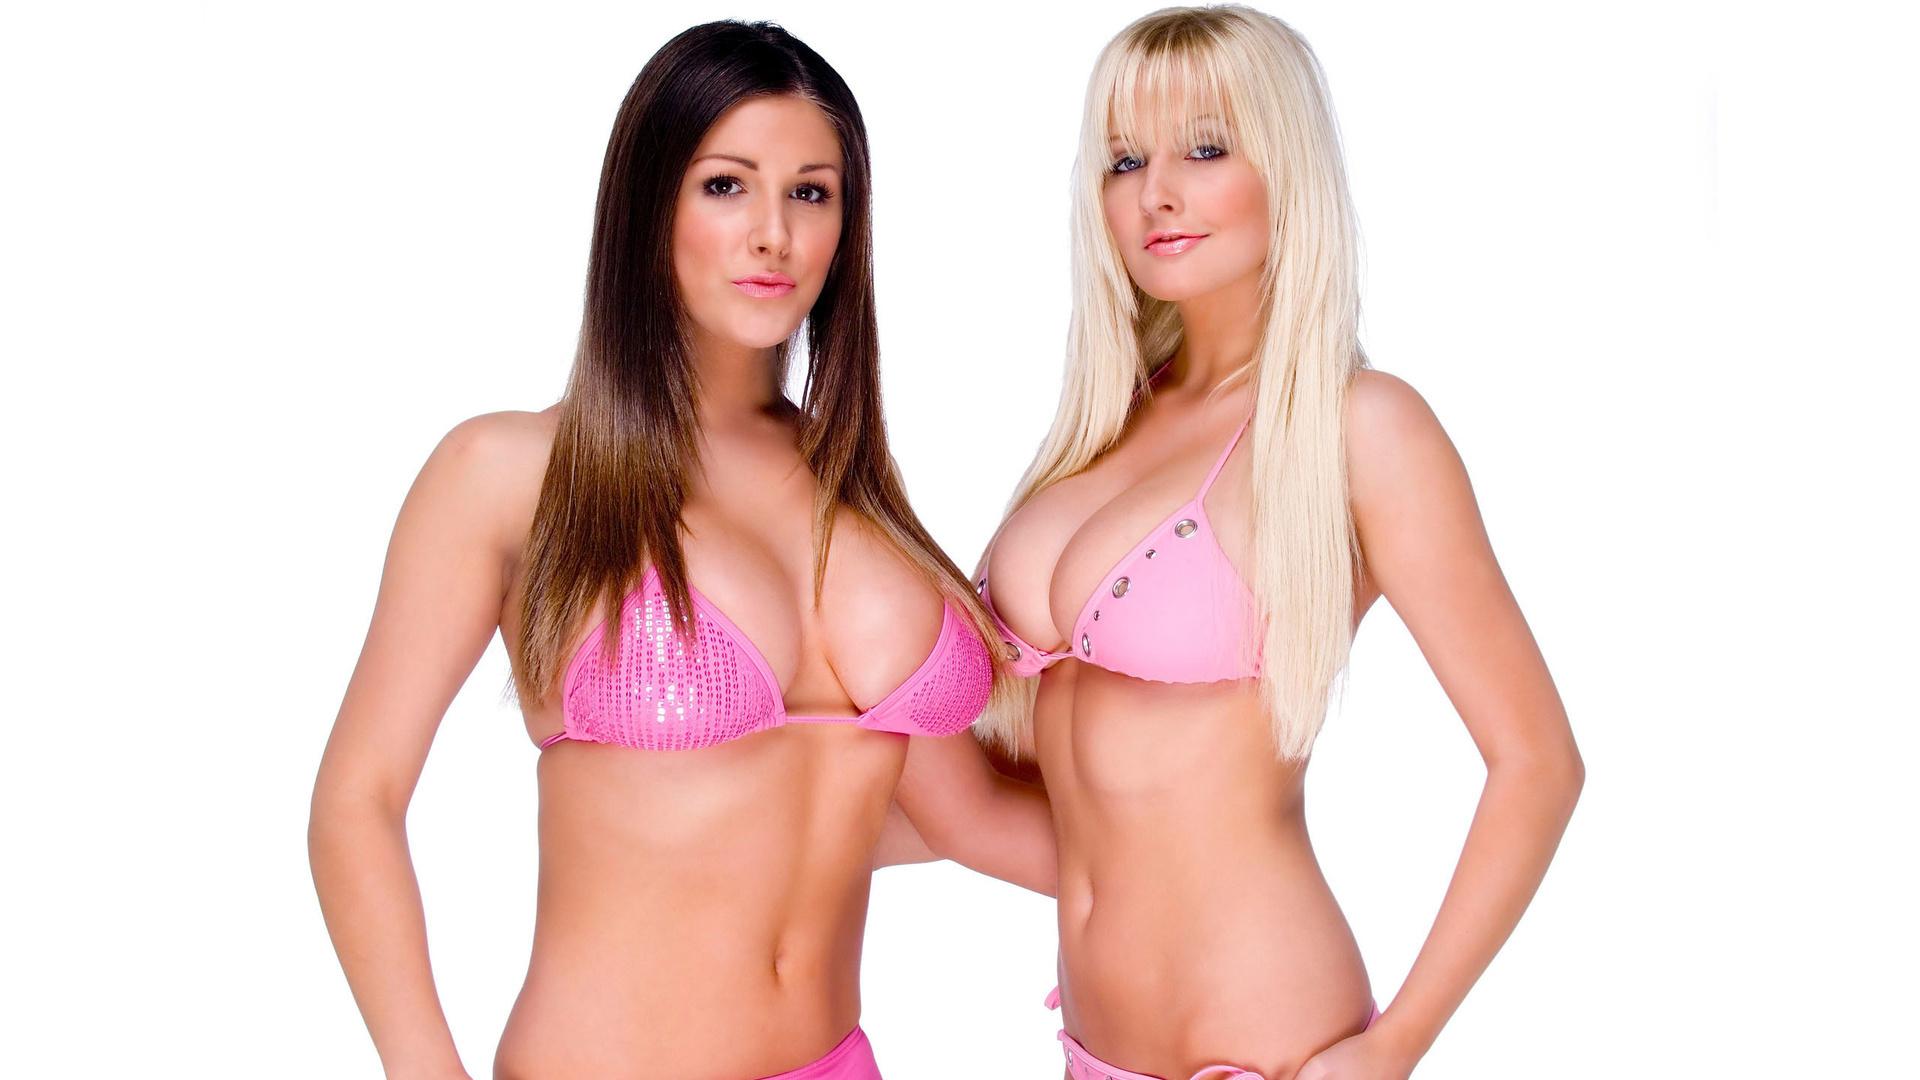 Лесбиянки с большими формами играют онлайн мне